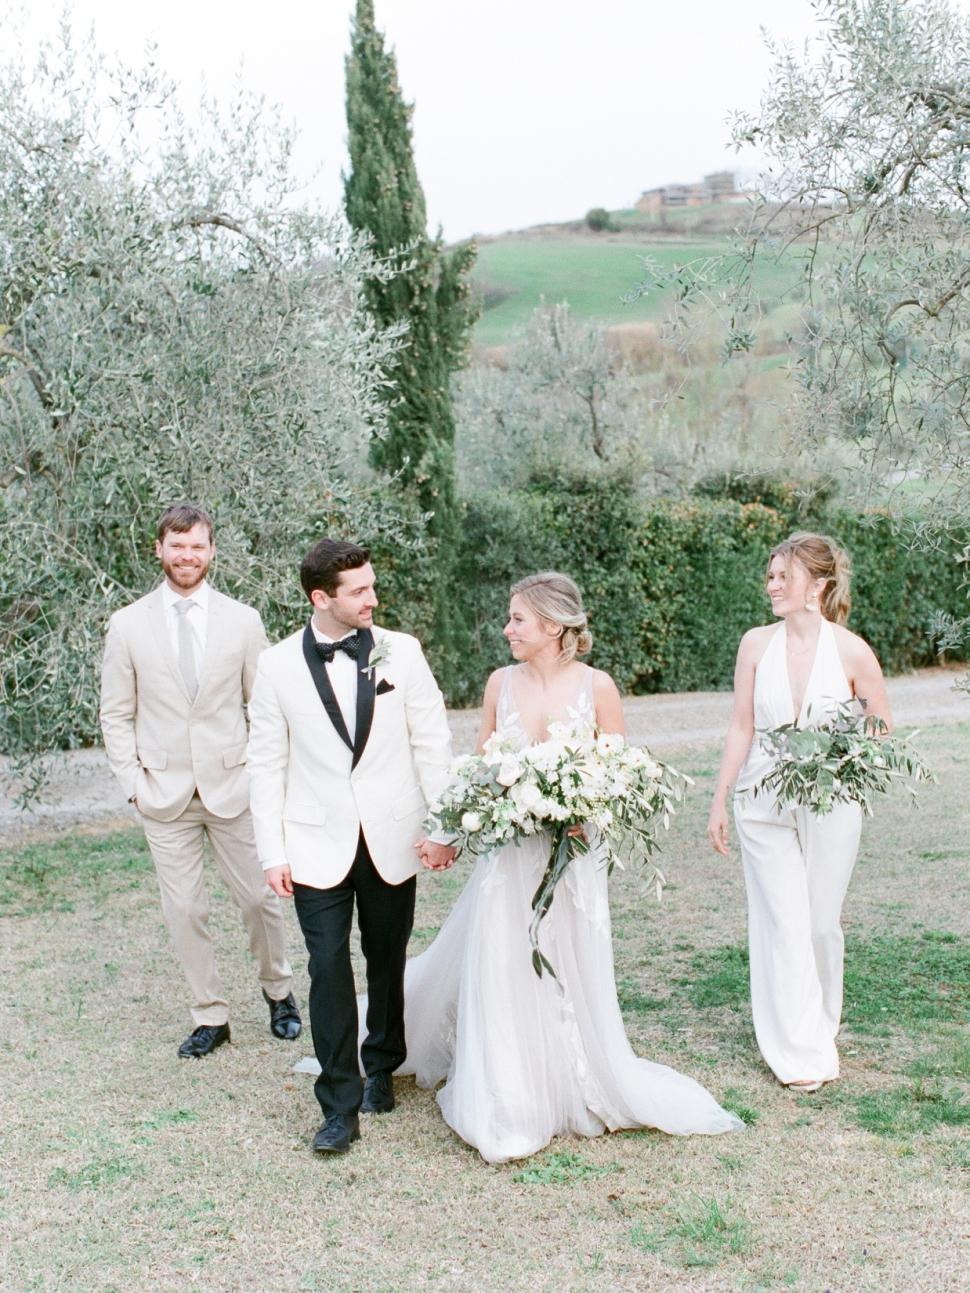 Tuscany-Destination-Wedding-Photographer-Cassi-Claire-Borgo-Petrognano-Florence-Wedding-28.jpg